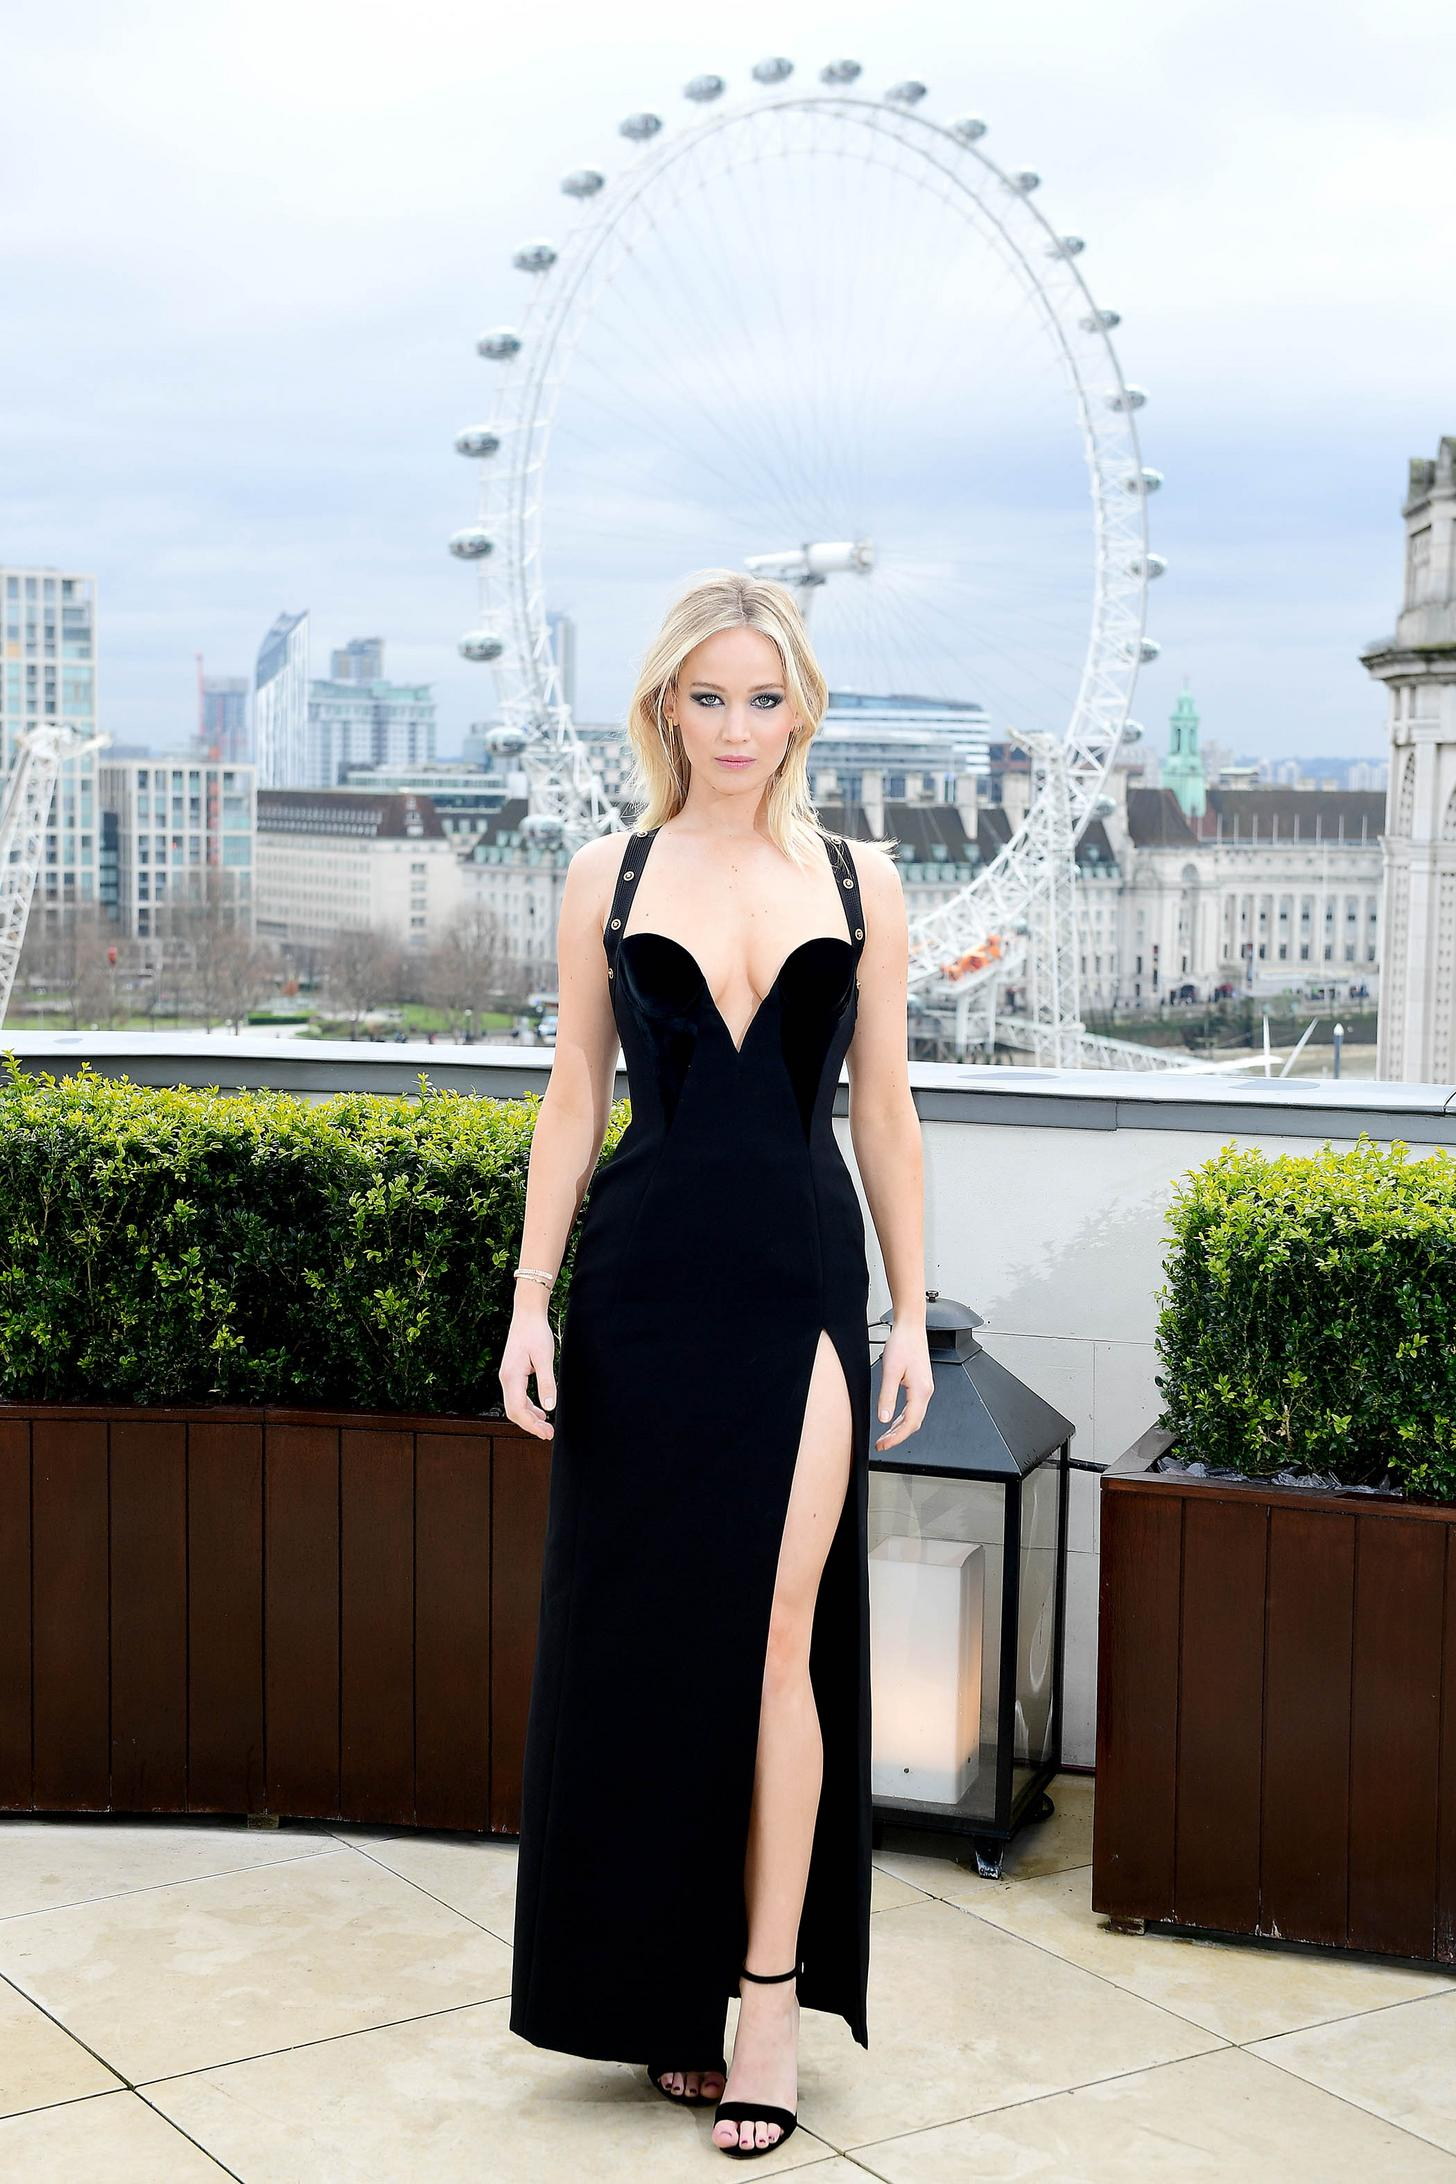 La foto del vestido de Jennifer Lawrence y la libertad de elección individual